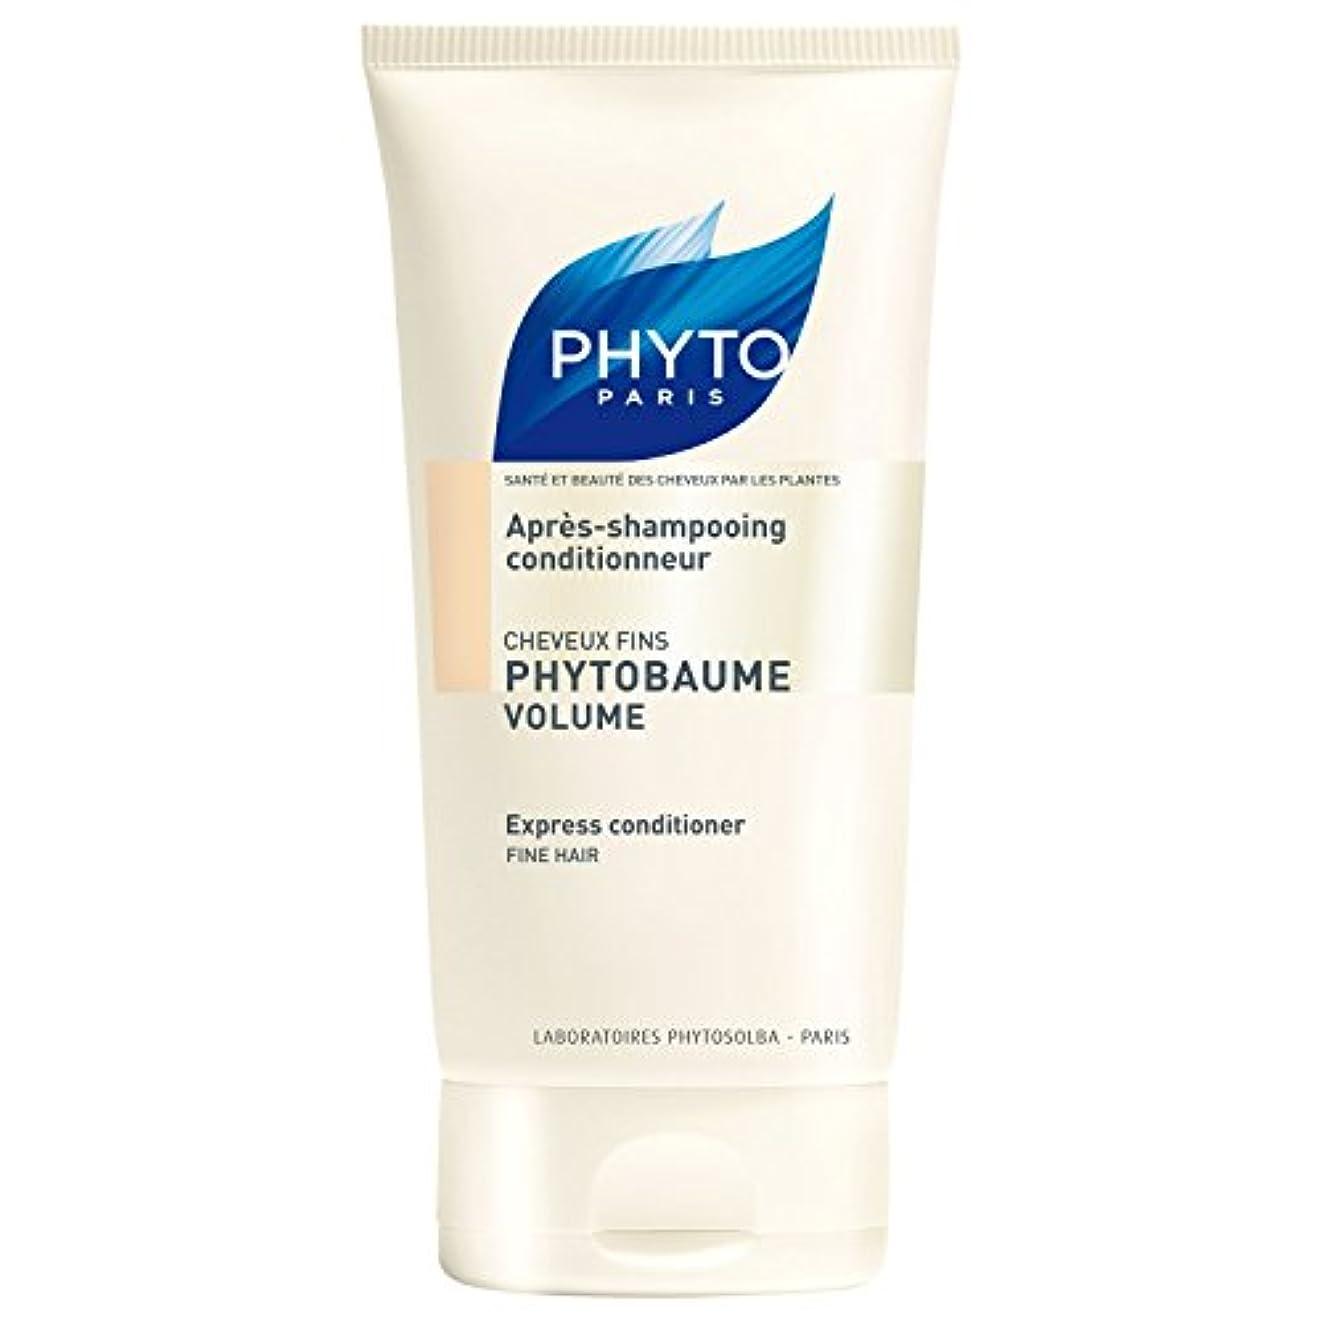 果てしない戻るかわす細い髪の150ミリリットルのためのフィトPhytobaumeボリュームエクスプレスコンディショナー (Phyto) (x2) - Phyto Phytobaume Volume Express Conditioner for...